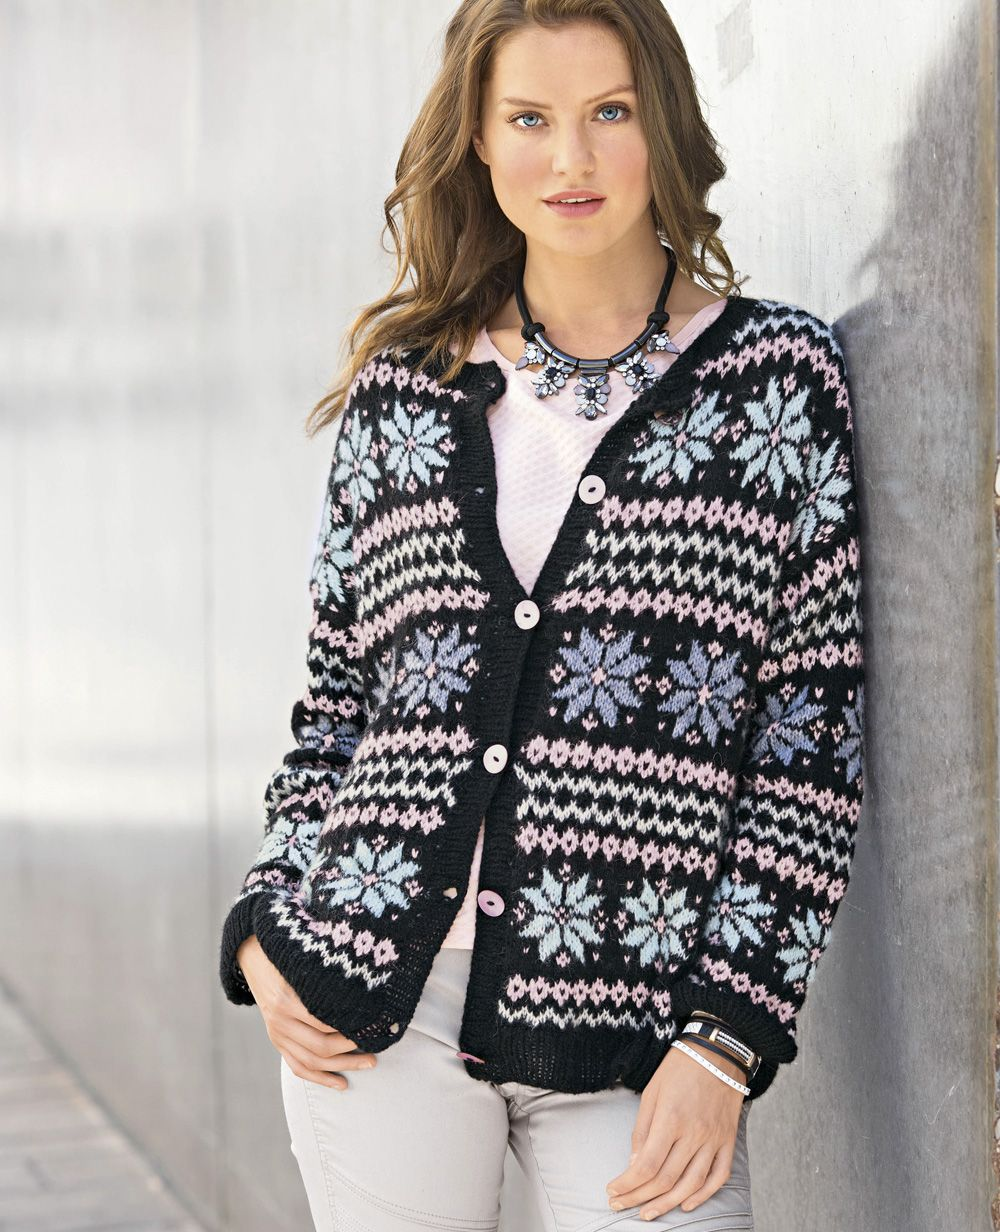 детский свитер зимний узор схема